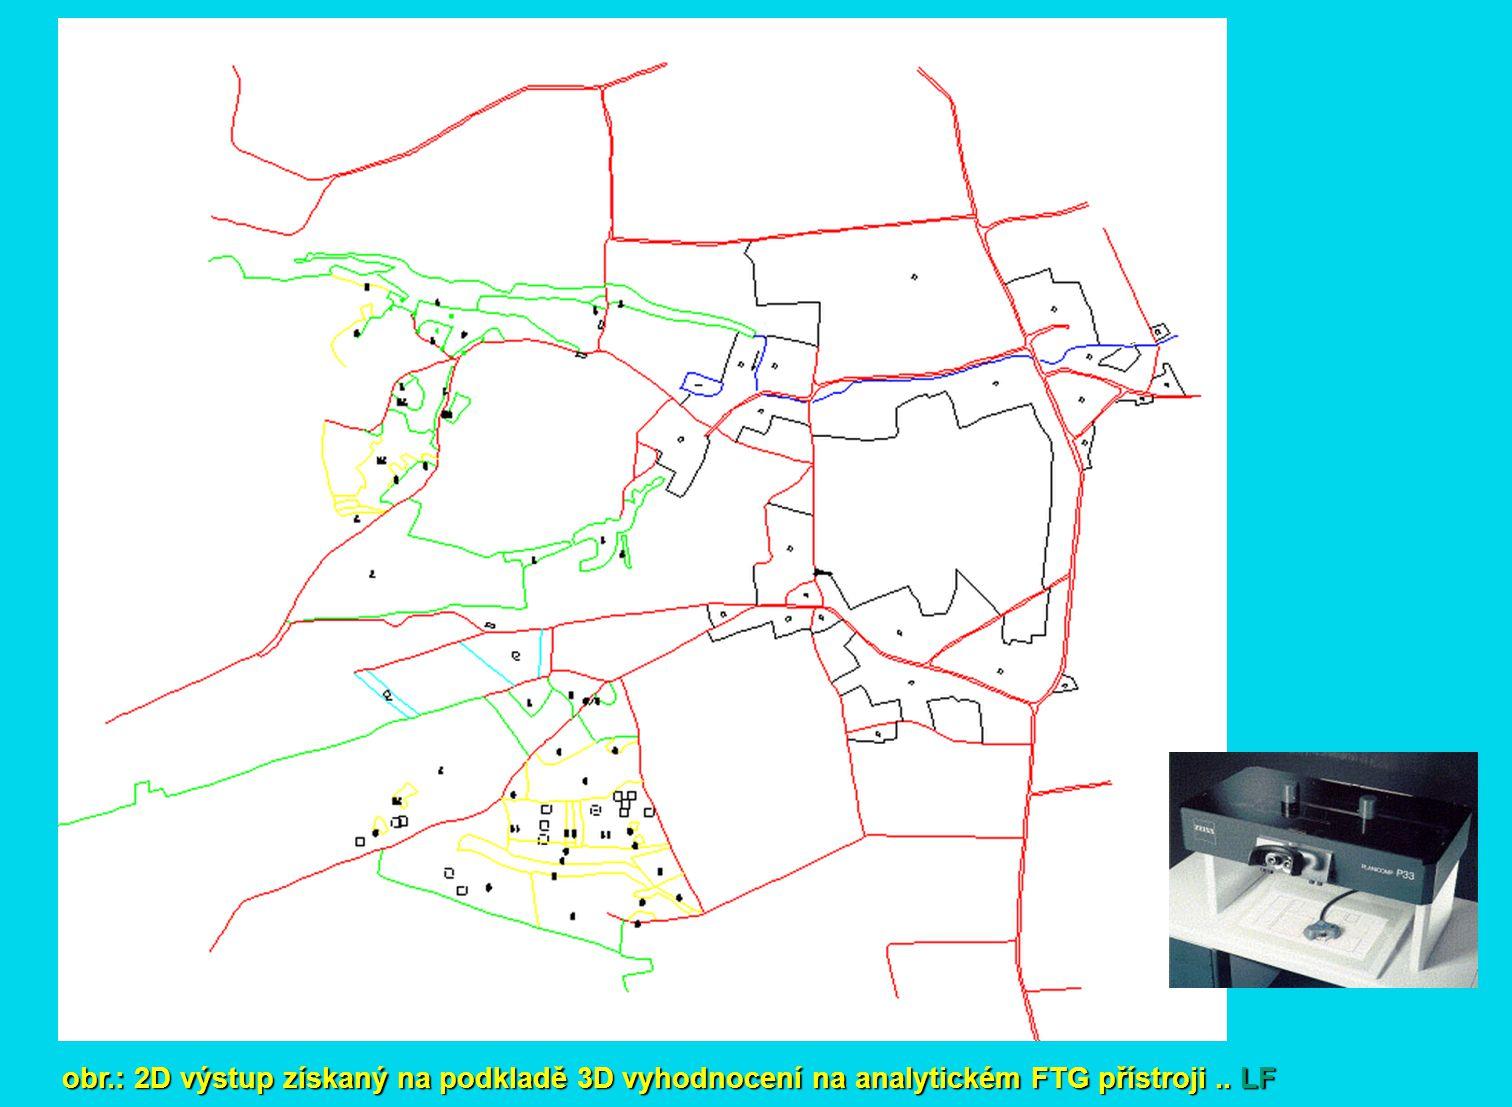 obr.: 2D výstup získaný na podkladě 3D vyhodnocení na analytickém FTG přístroji.. LF